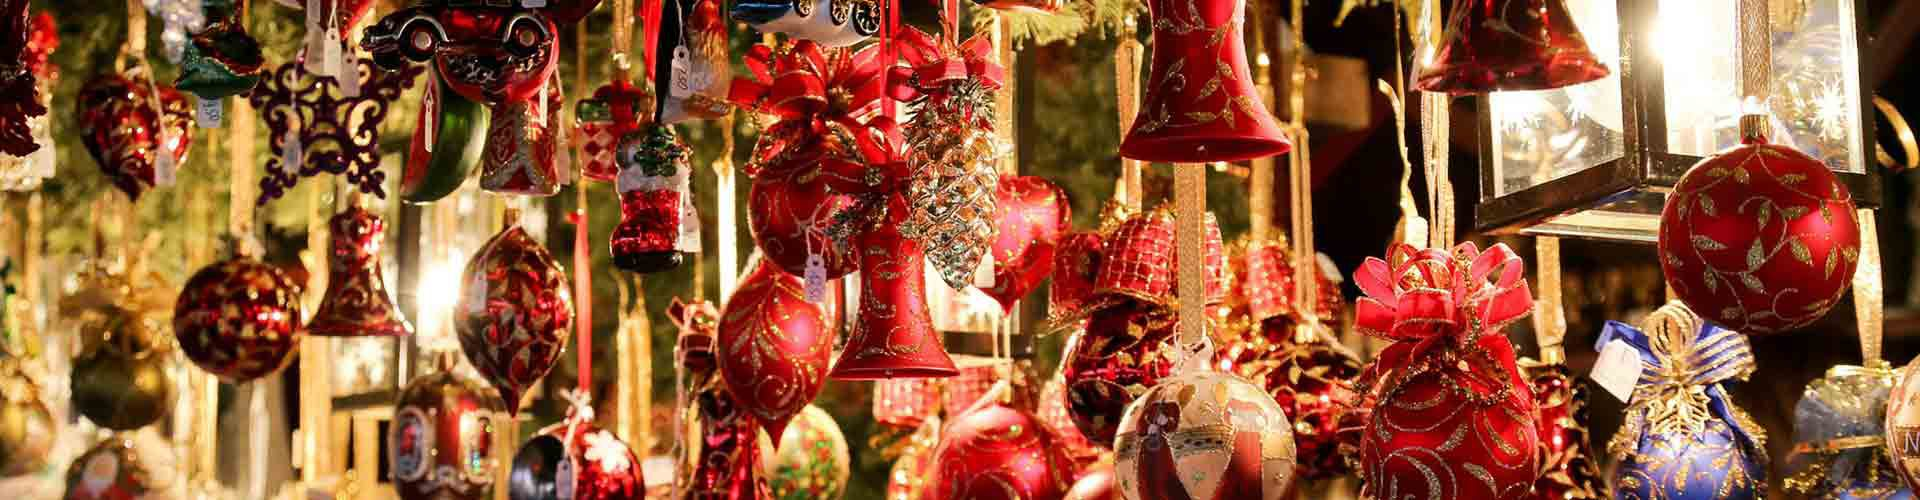 Querfurt Weihnachtsmarkt.Weihnachtsmarkt Halle 2019 Offnungszeiten Stande